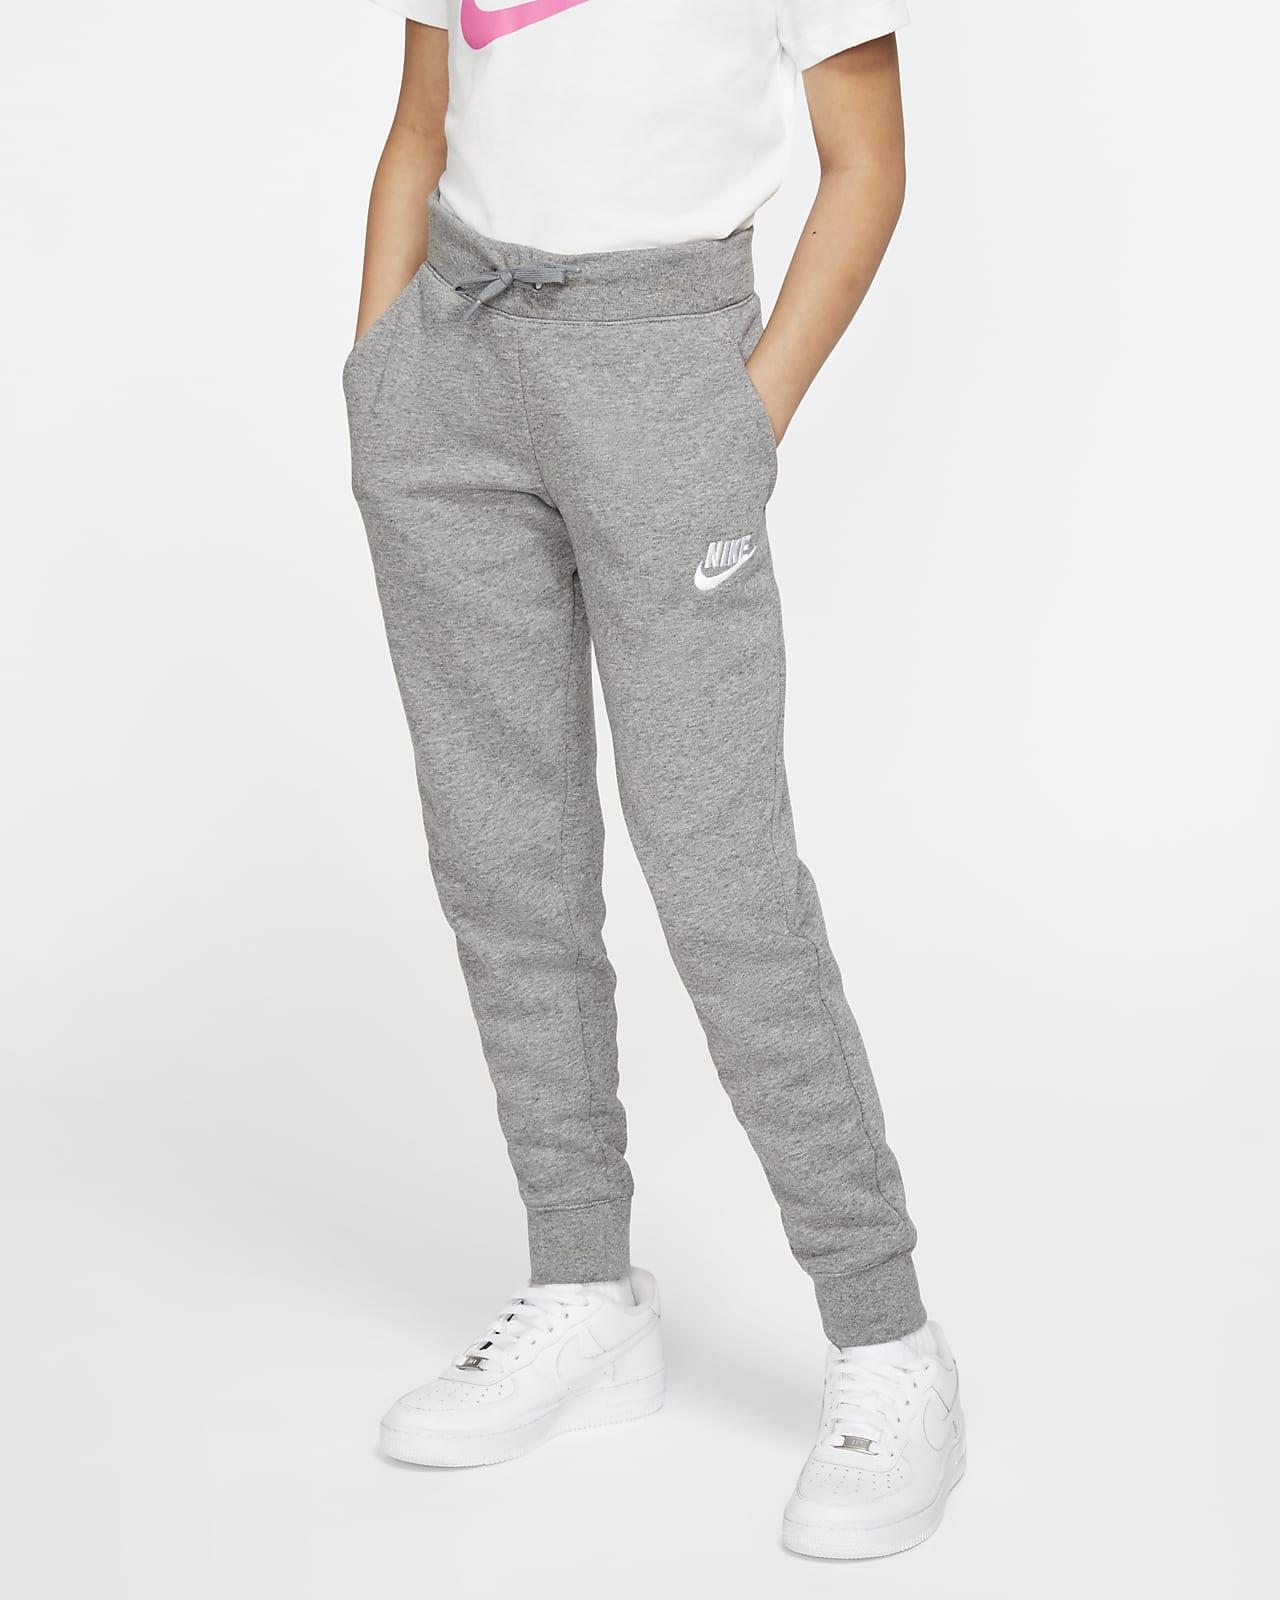 Nike Sportswear Older Kids' (Girls') Trousers. Nike AU